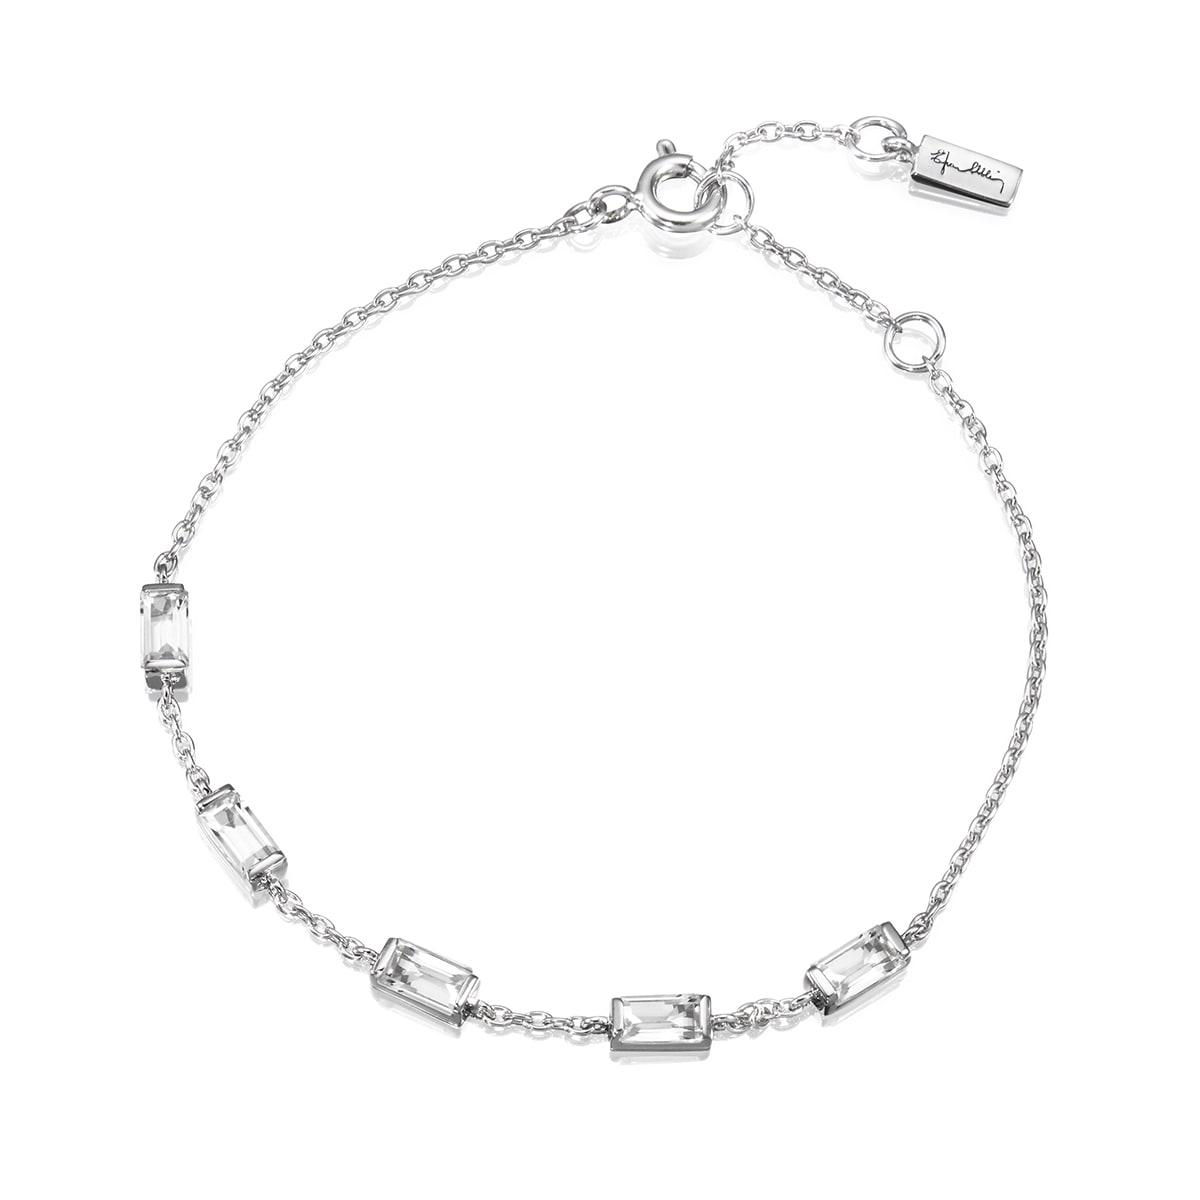 Efva_Attling_smycken_A Clear Dream Bracelet 14-100-01585(1)_hos_Jarl_Sandin